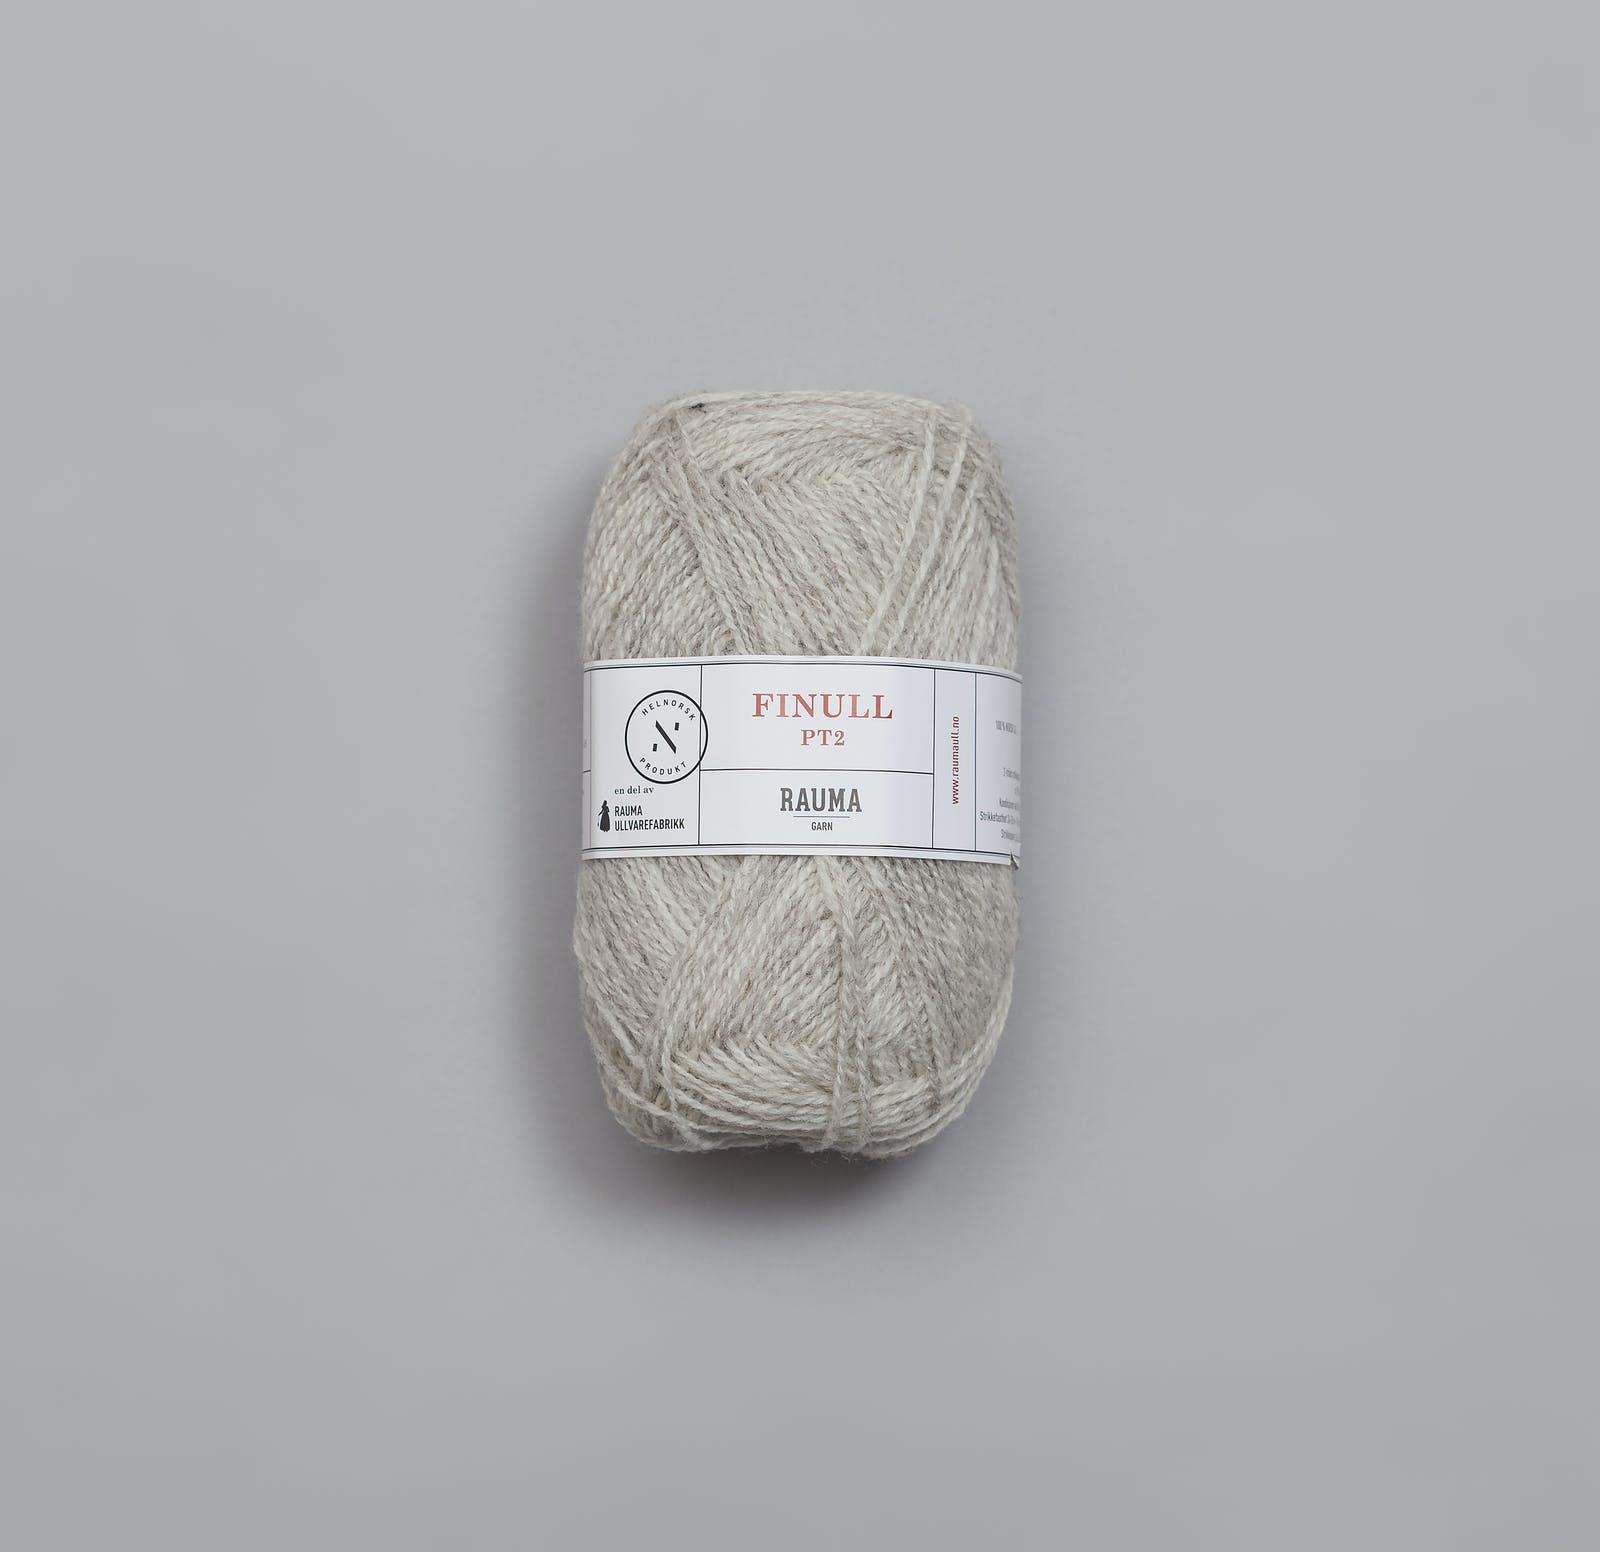 Finullgarn Pt2 - 403 Hellgrau / Lys grå